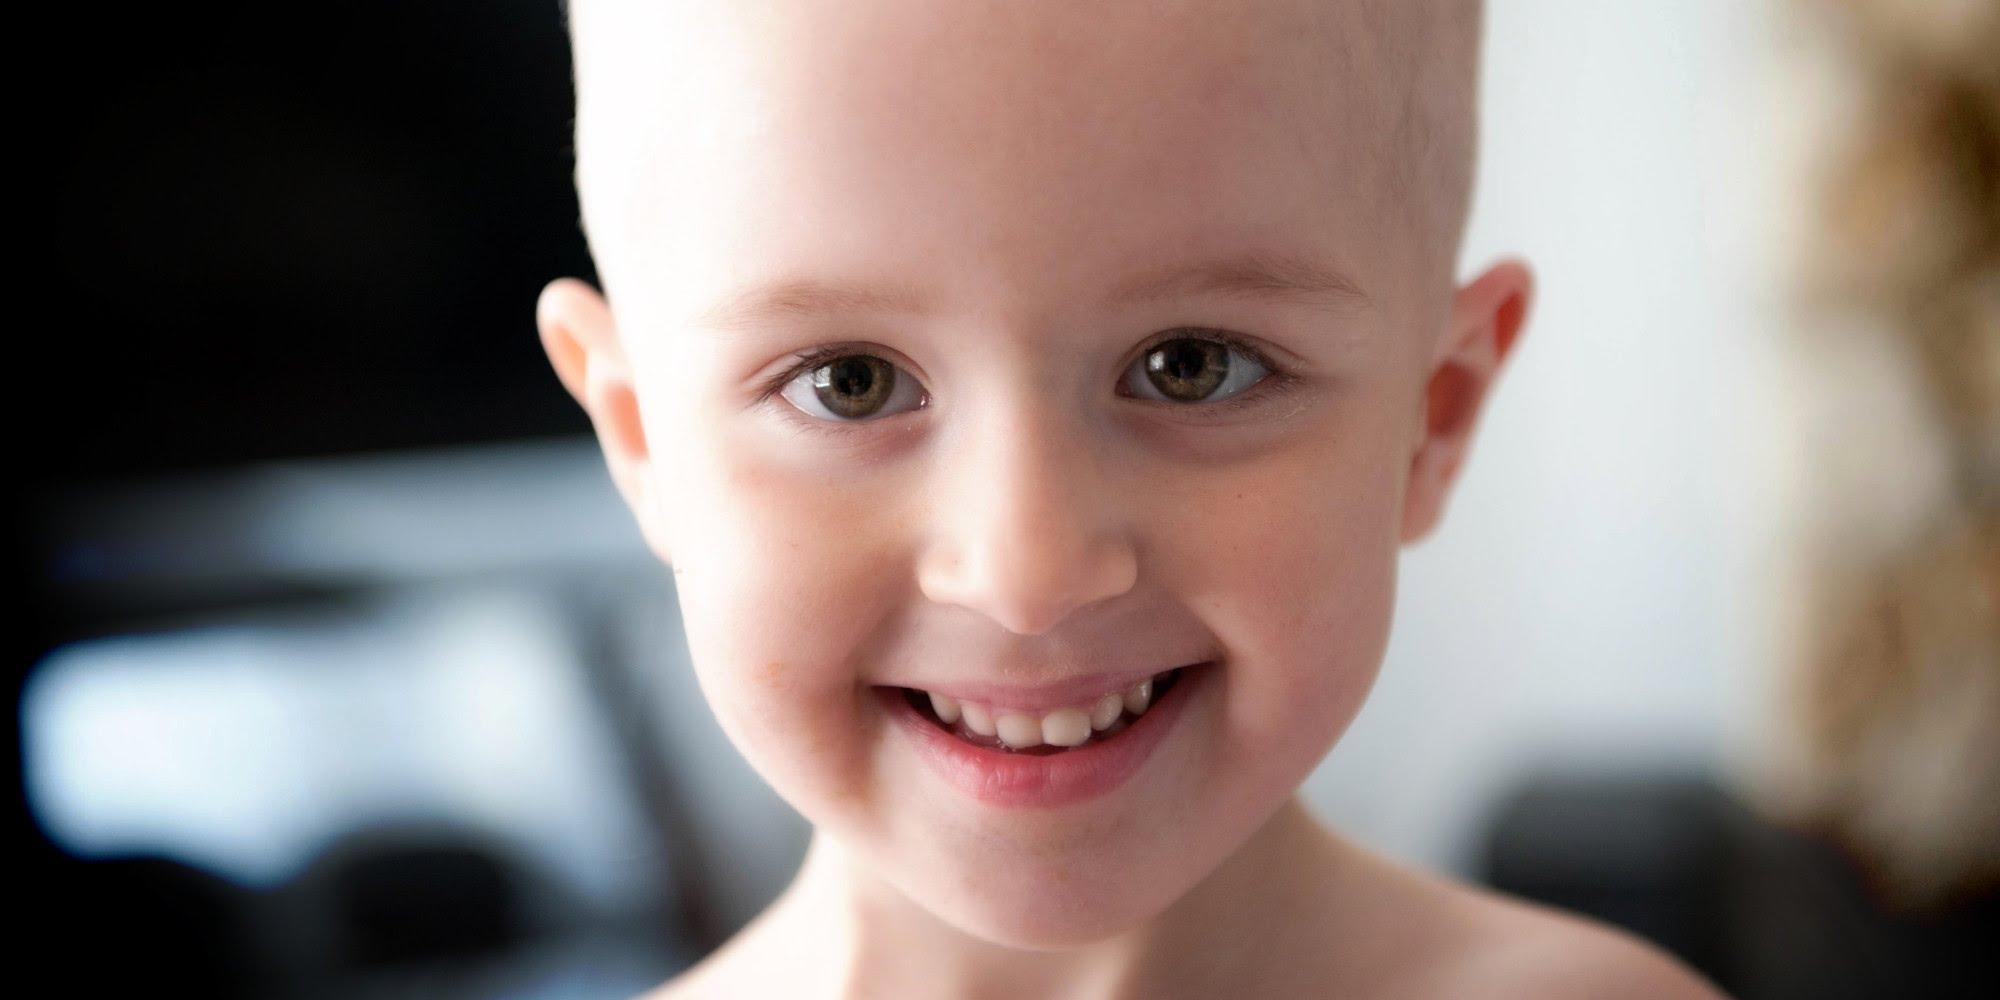 BCS impulsa grupo de donadores de sangre para niños con cáncer